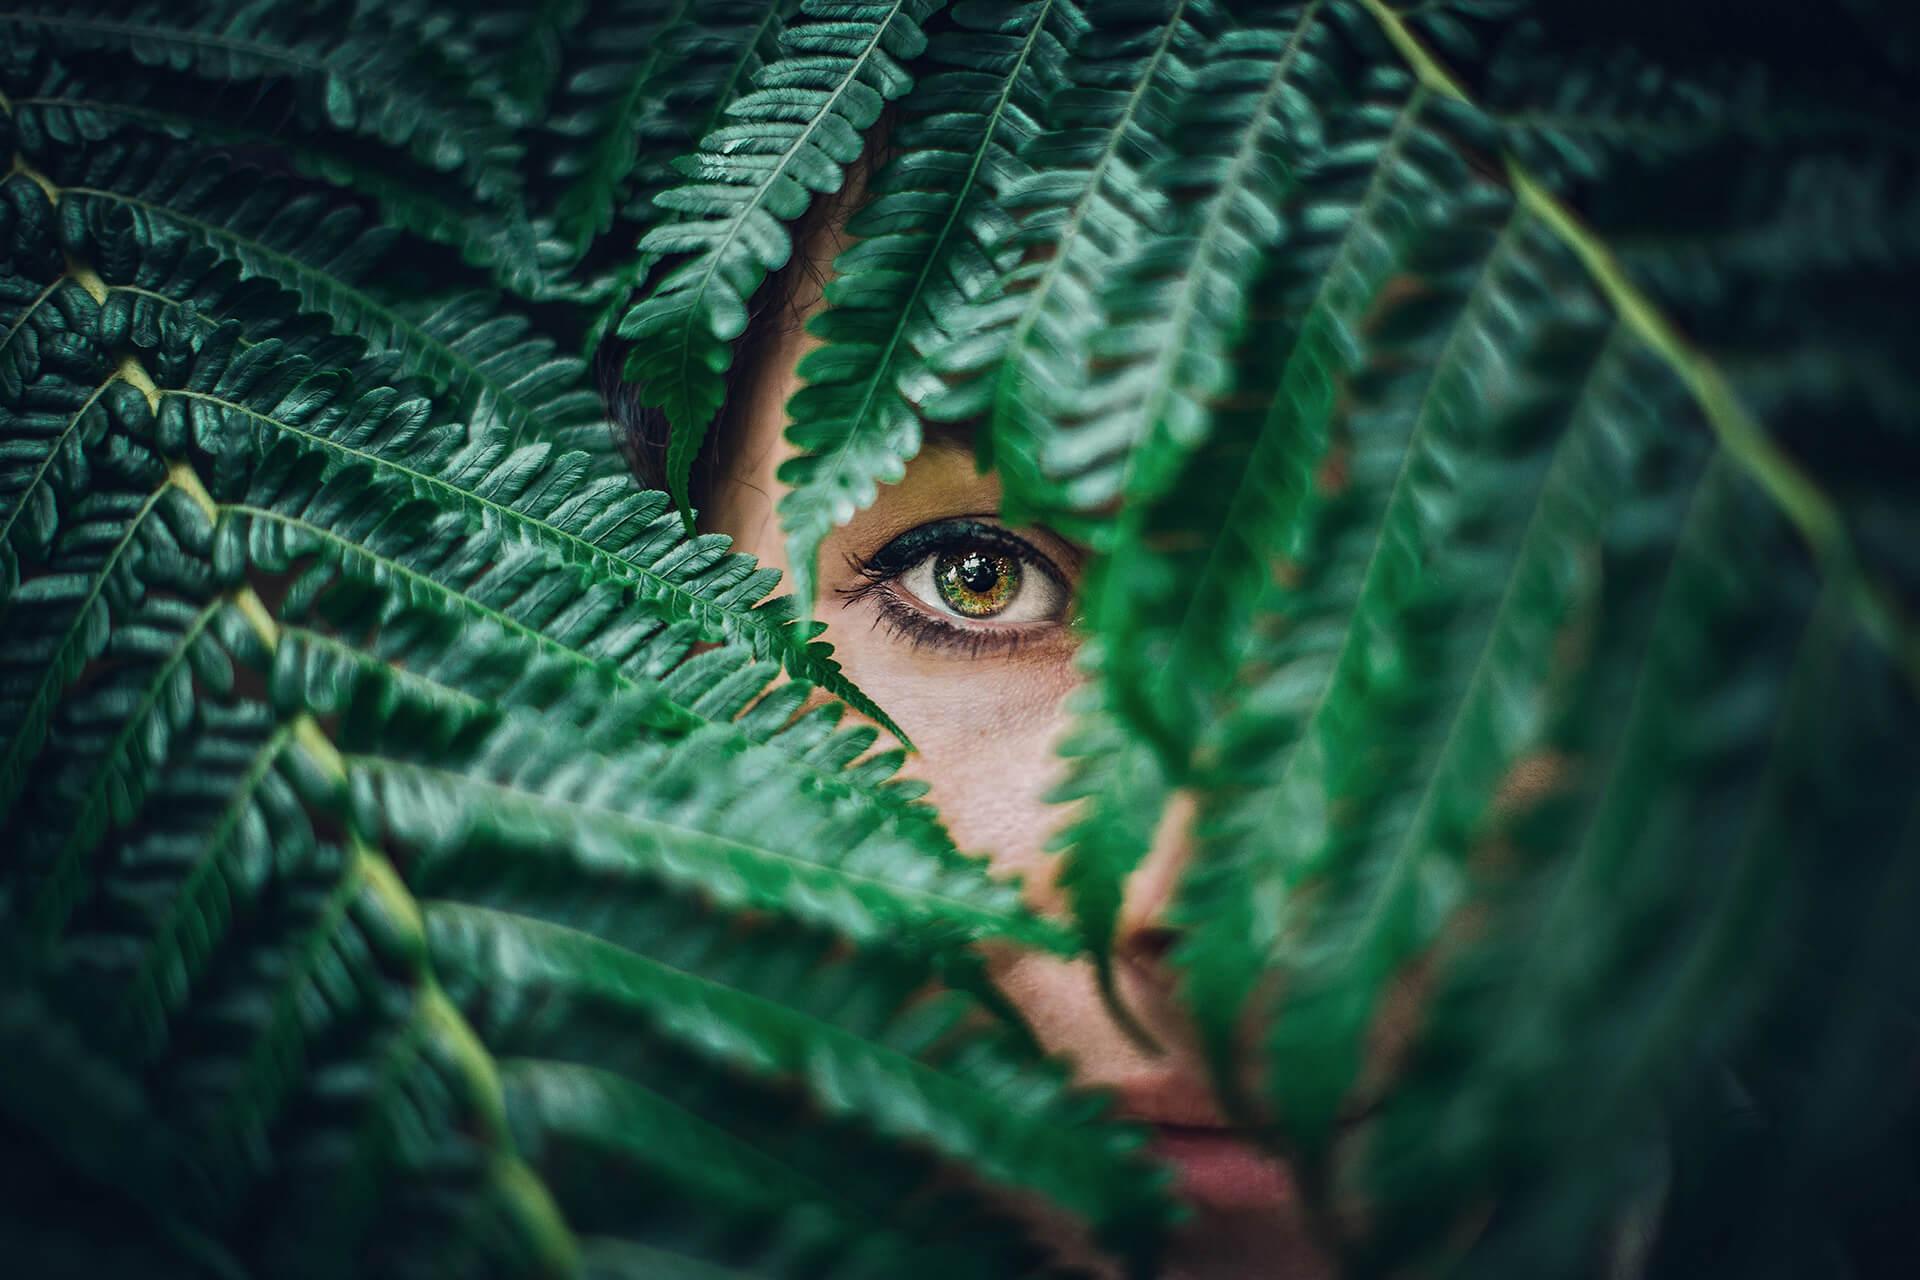 julie_eye